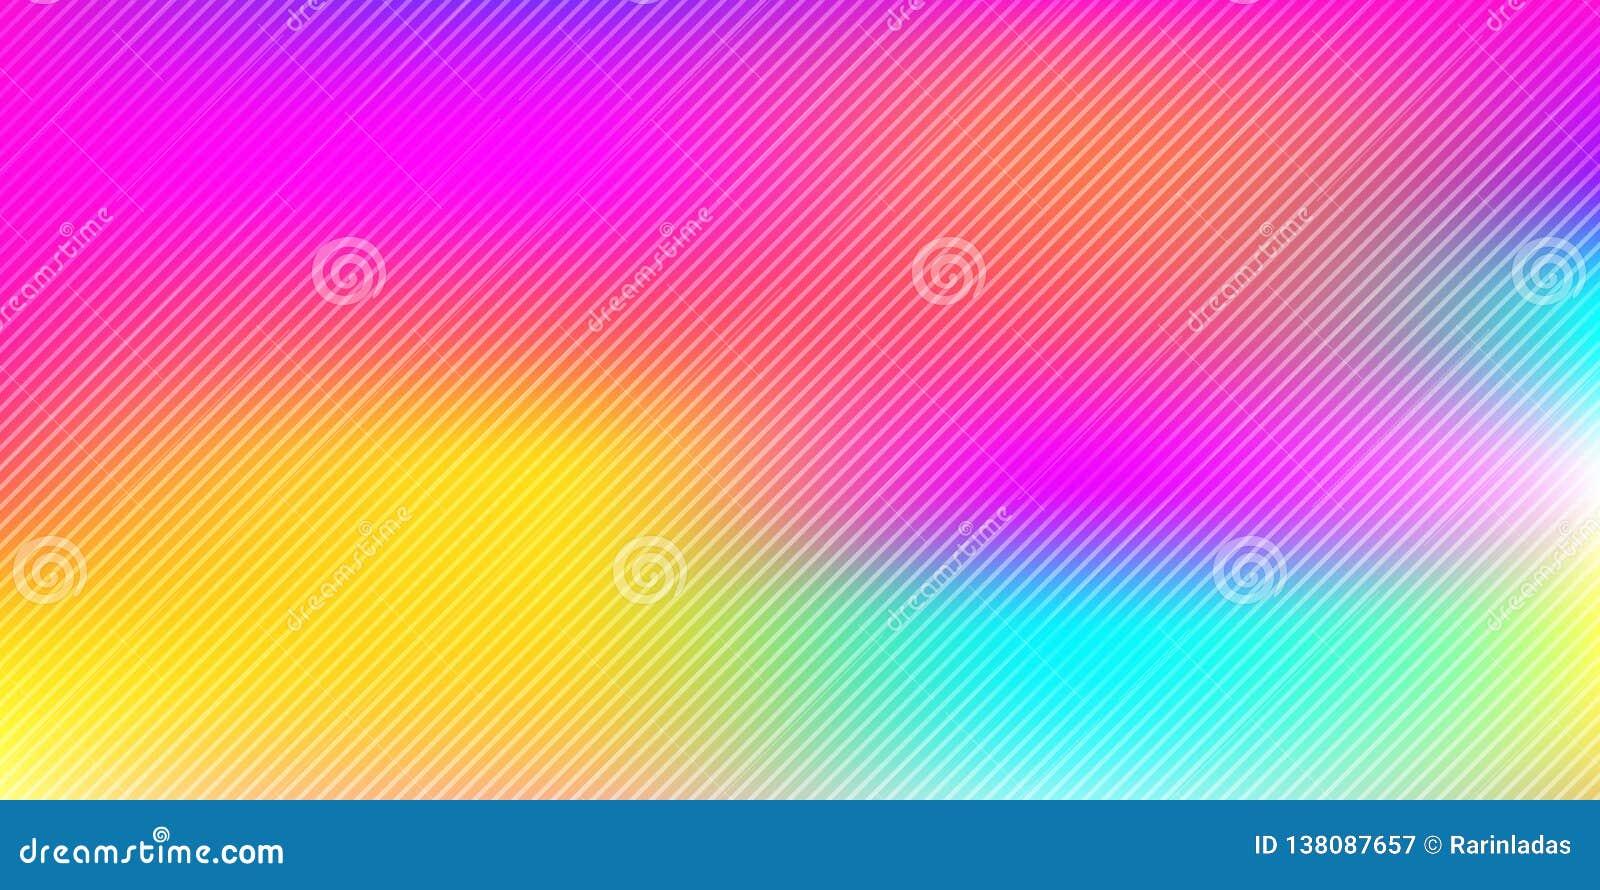 Abstrakter bunter Regenbogen unscharfer Hintergrund mit diagonalen Linien Musterbeschaffenheit